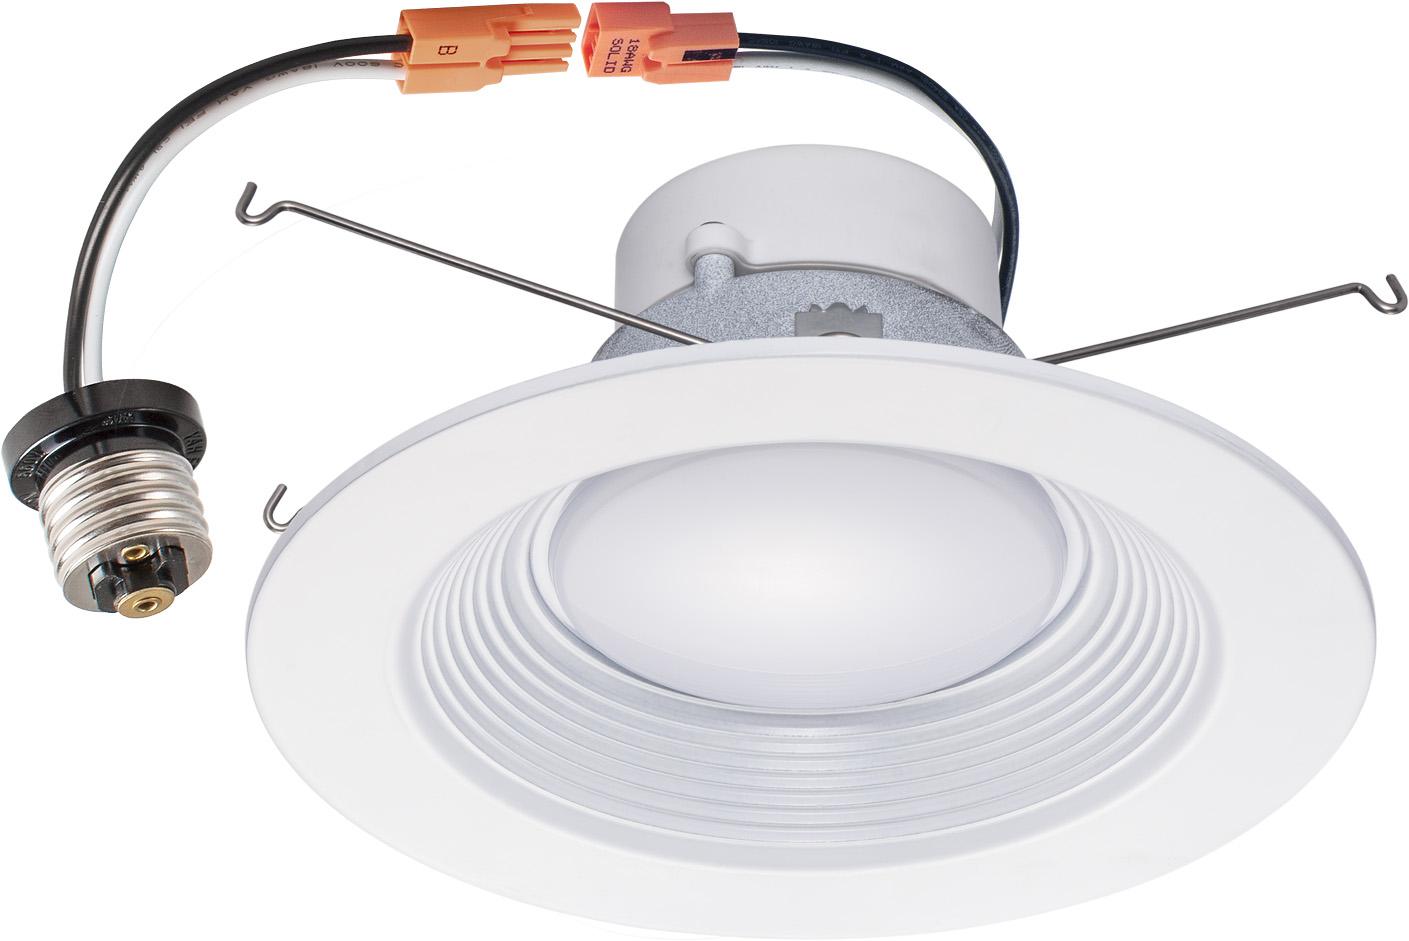 Led Can Lights Bulbs